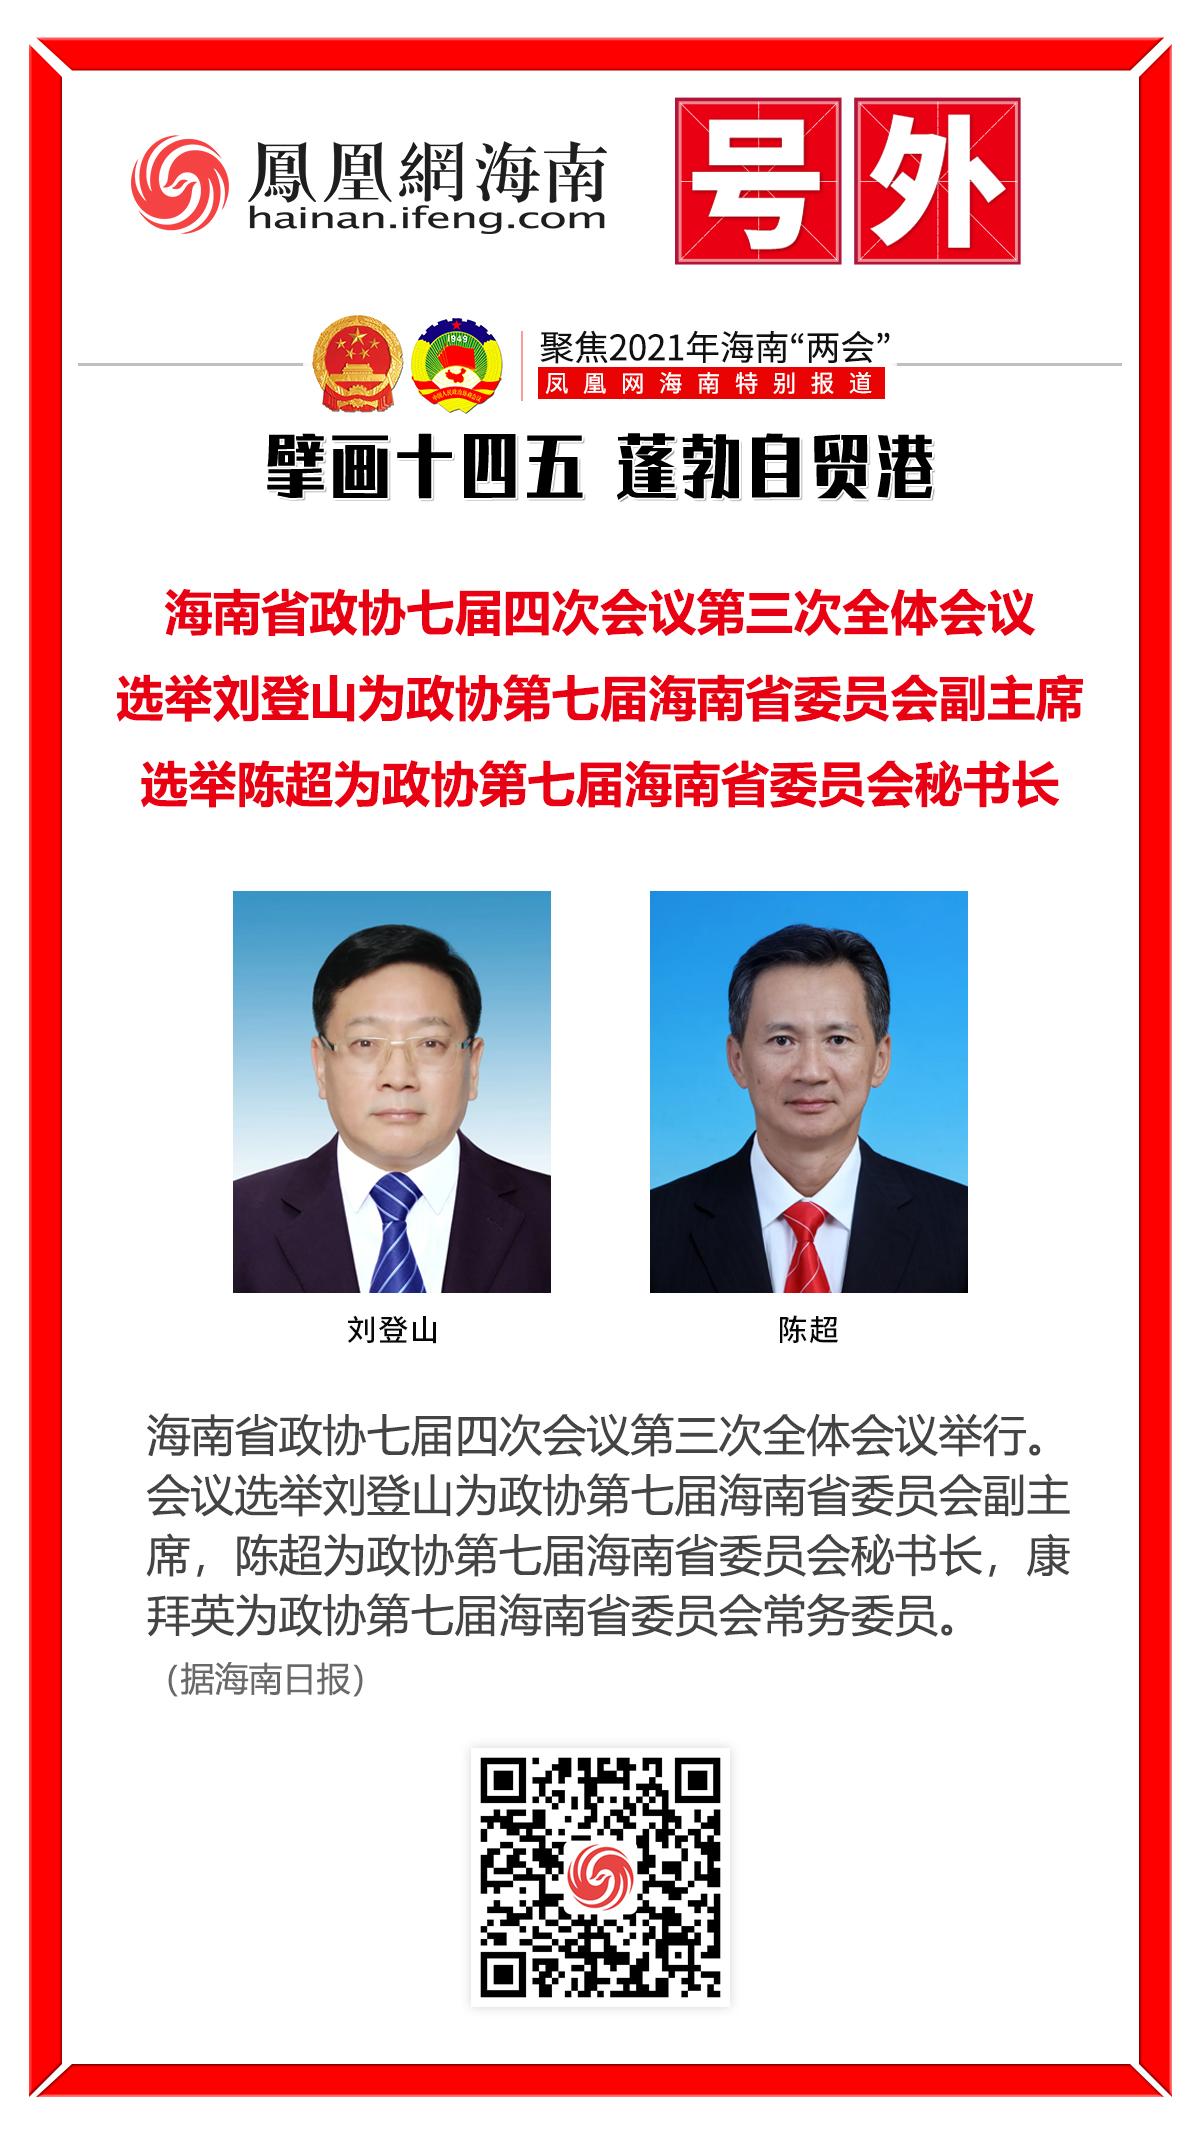 刘登山当选政协第七届海南省委员会副主席 陈超当选政协第七届海南省委员会秘书长